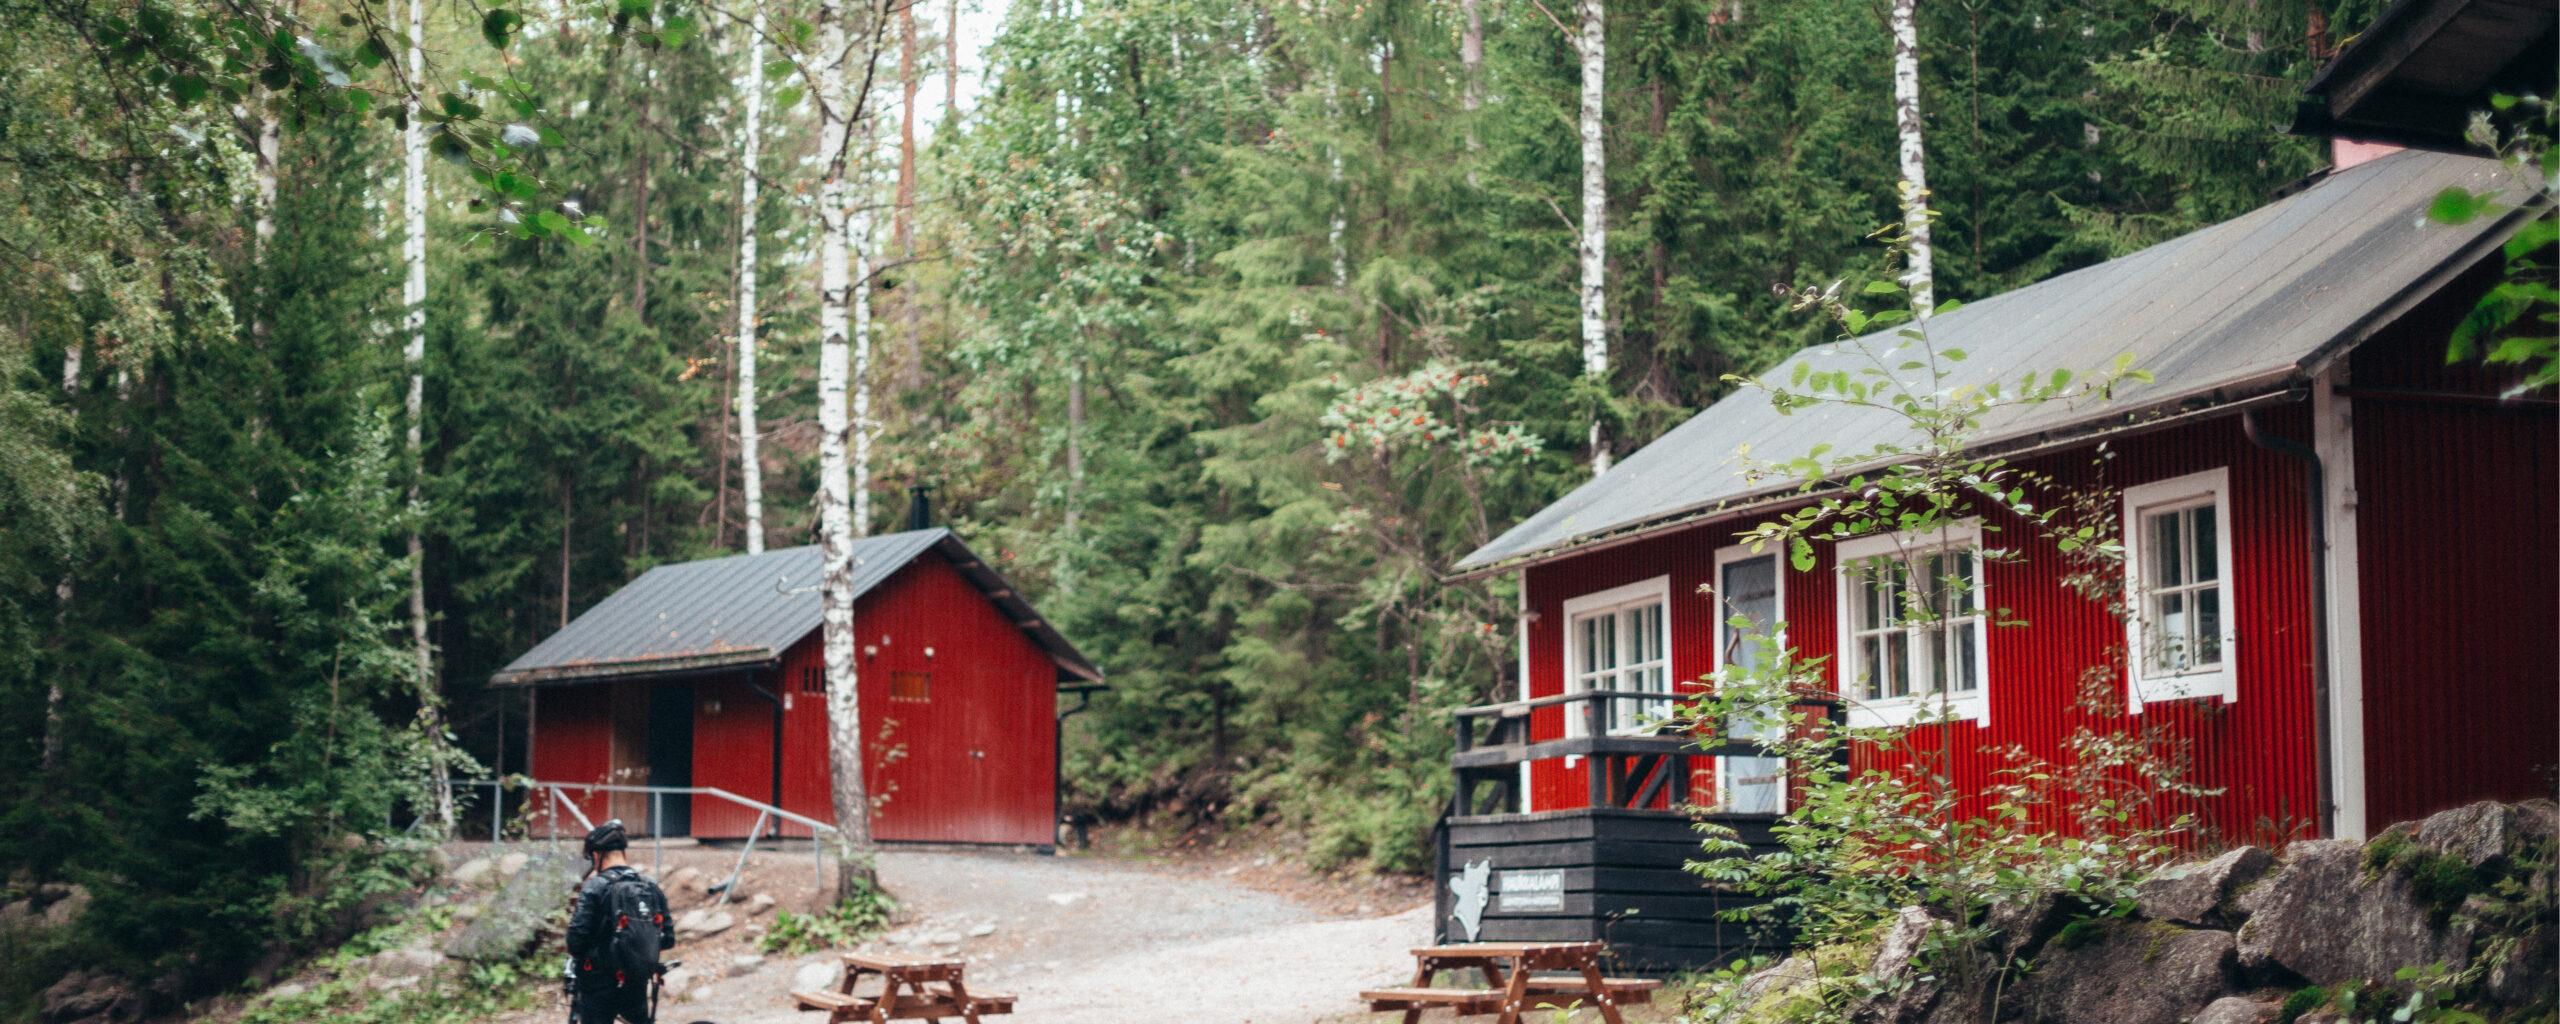 Hyta - polski dom na zgłoszenie, a norweskie hytte.